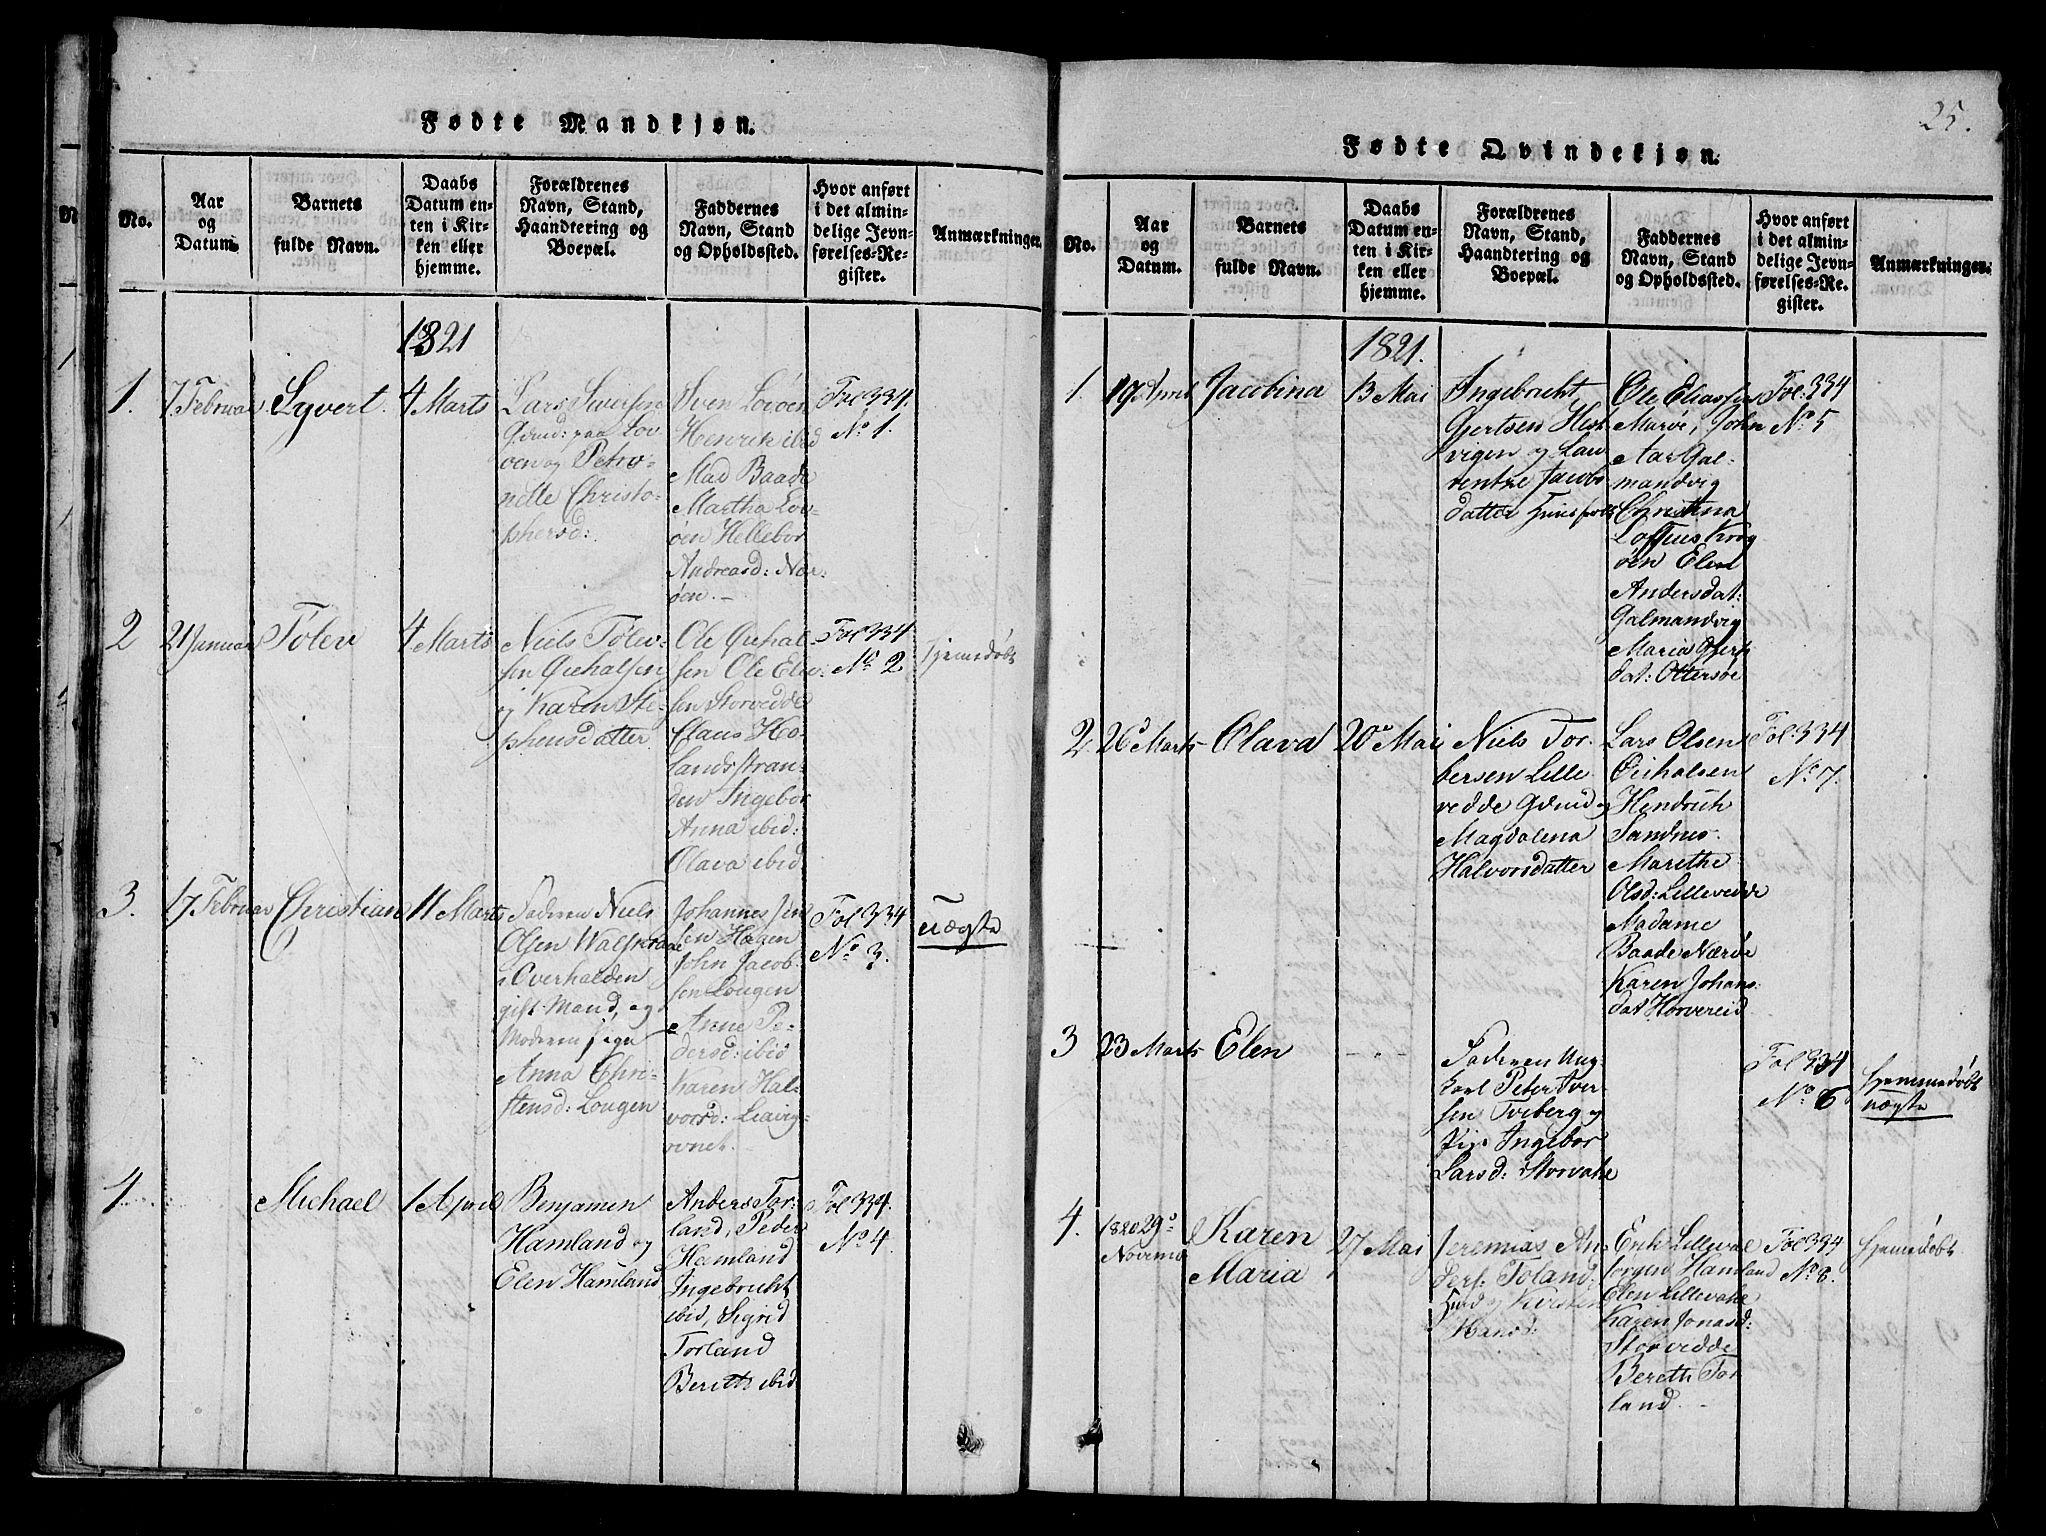 SAT, Ministerialprotokoller, klokkerbøker og fødselsregistre - Nord-Trøndelag, 784/L0667: Ministerialbok nr. 784A03 /1, 1816-1829, s. 25